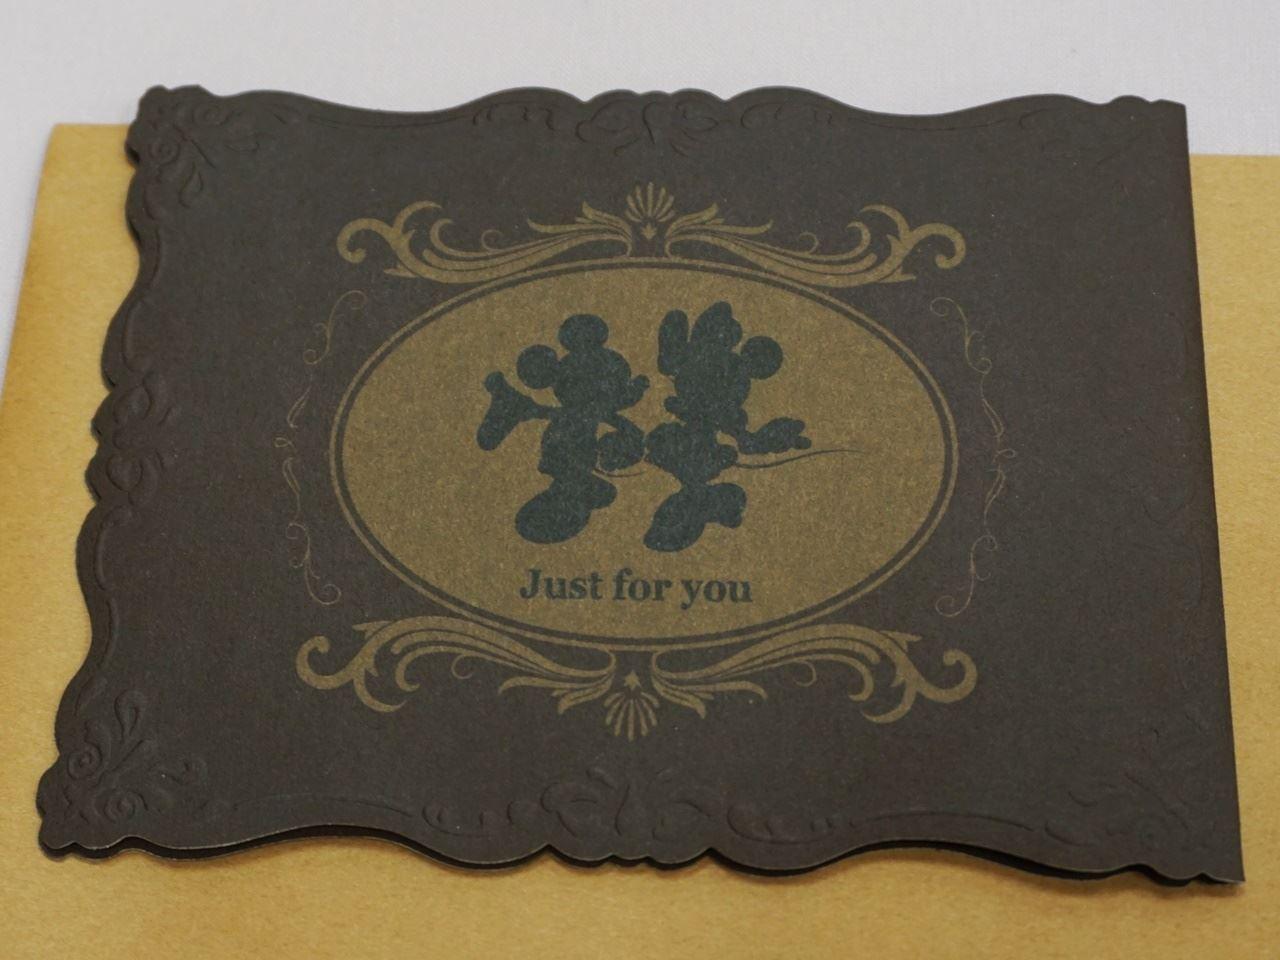 ディズニーミッキー&ミニー3Dカードの表